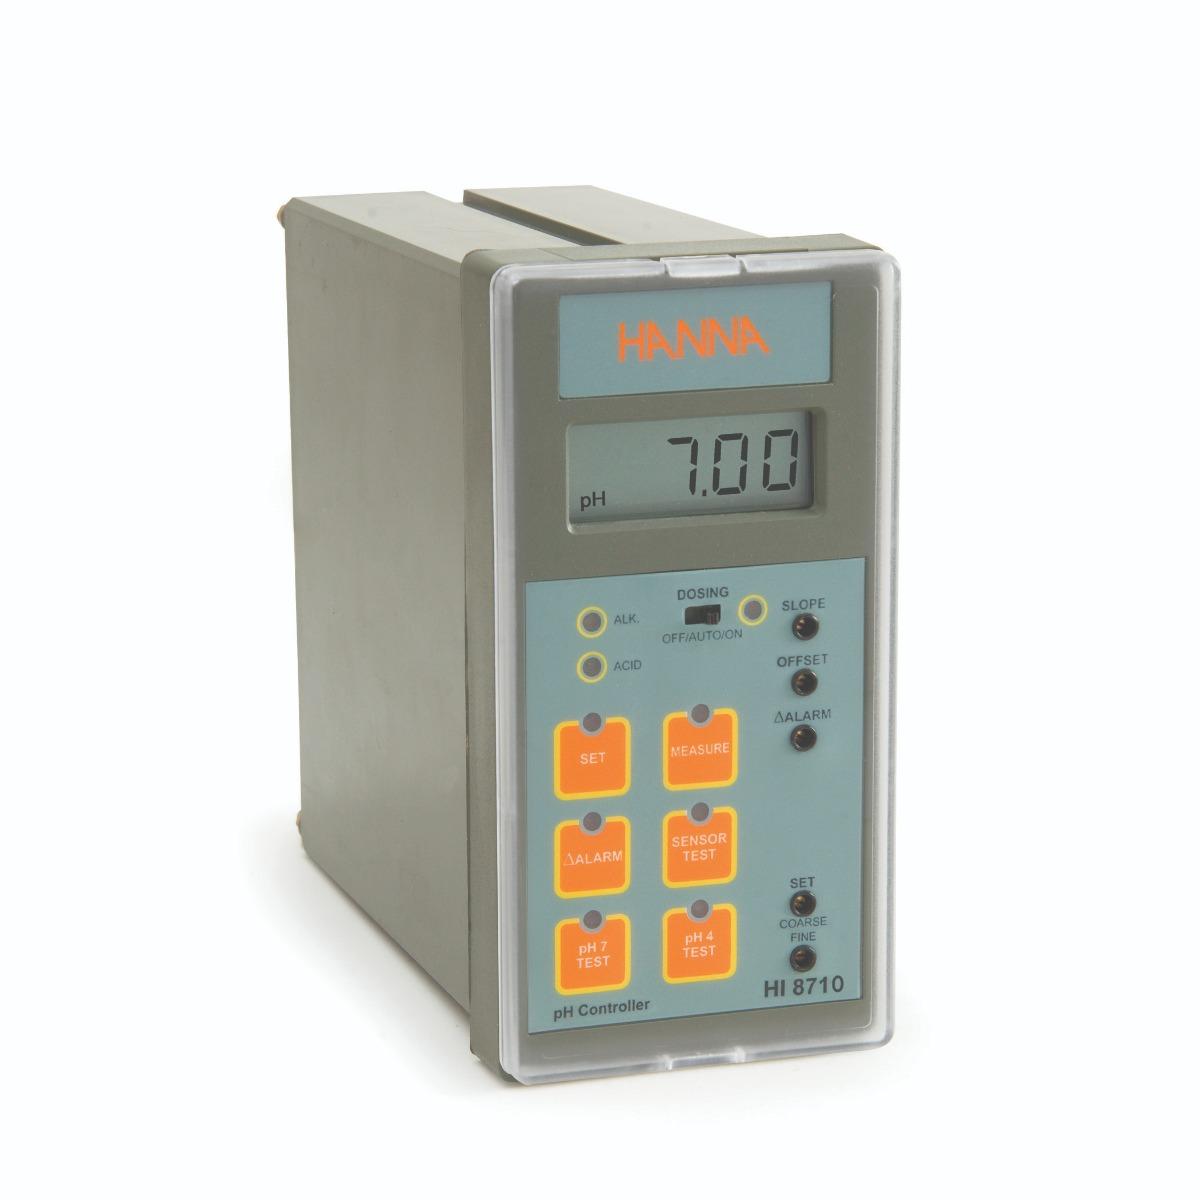 Controlador Analógico de pH con Prueba de Auto Diagnóstico - HI8710